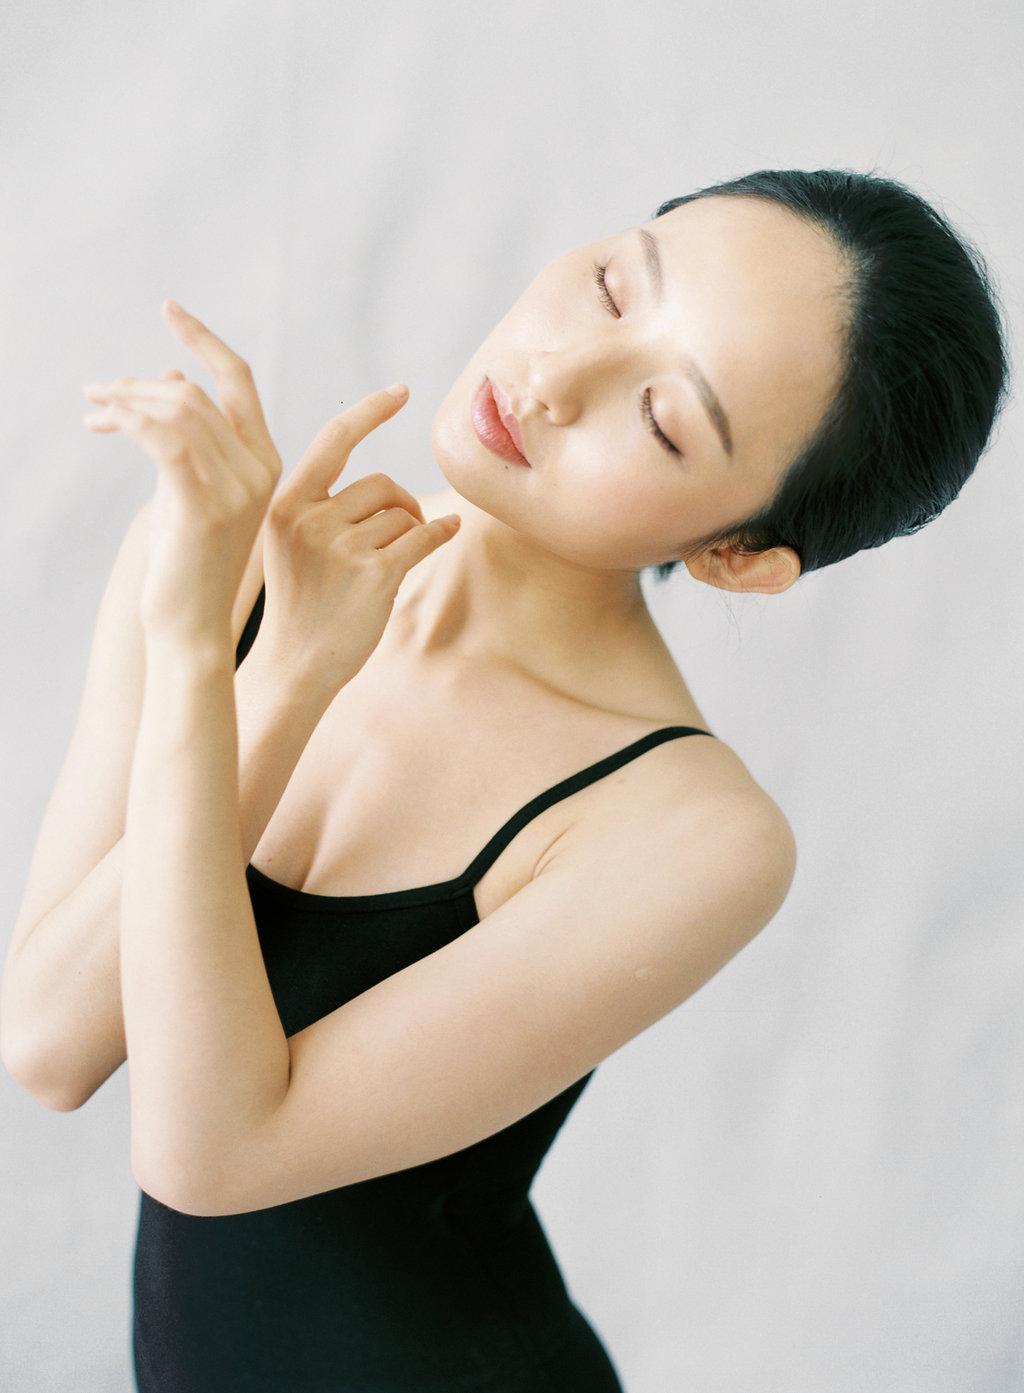 dancer_044.jpg